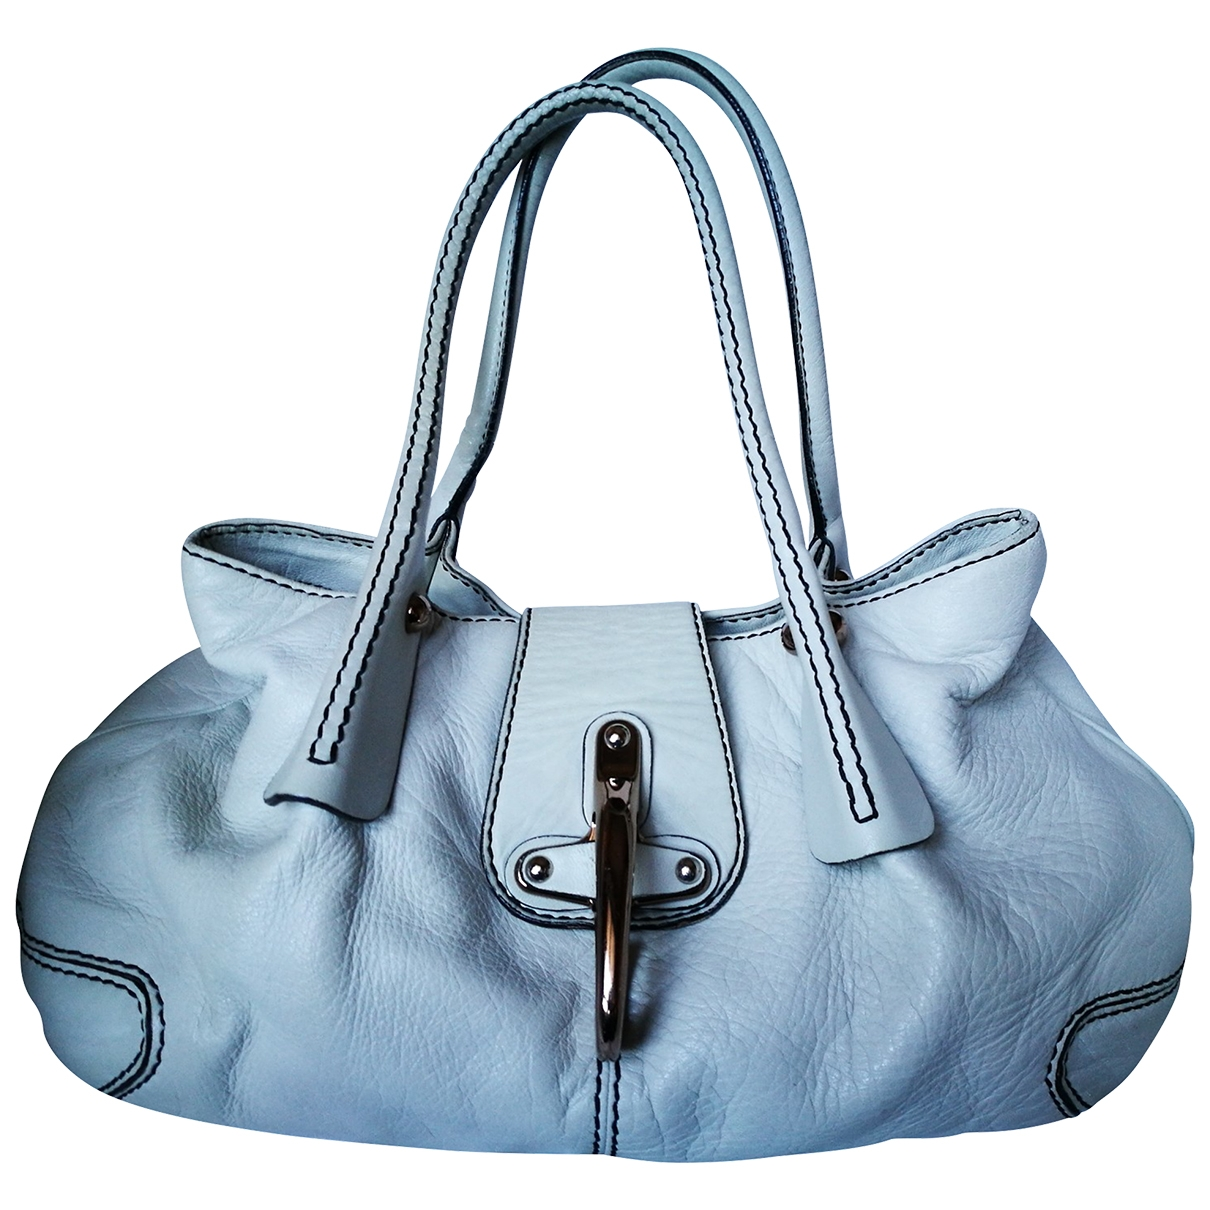 Fay \N Handtasche in  Weiss Leder